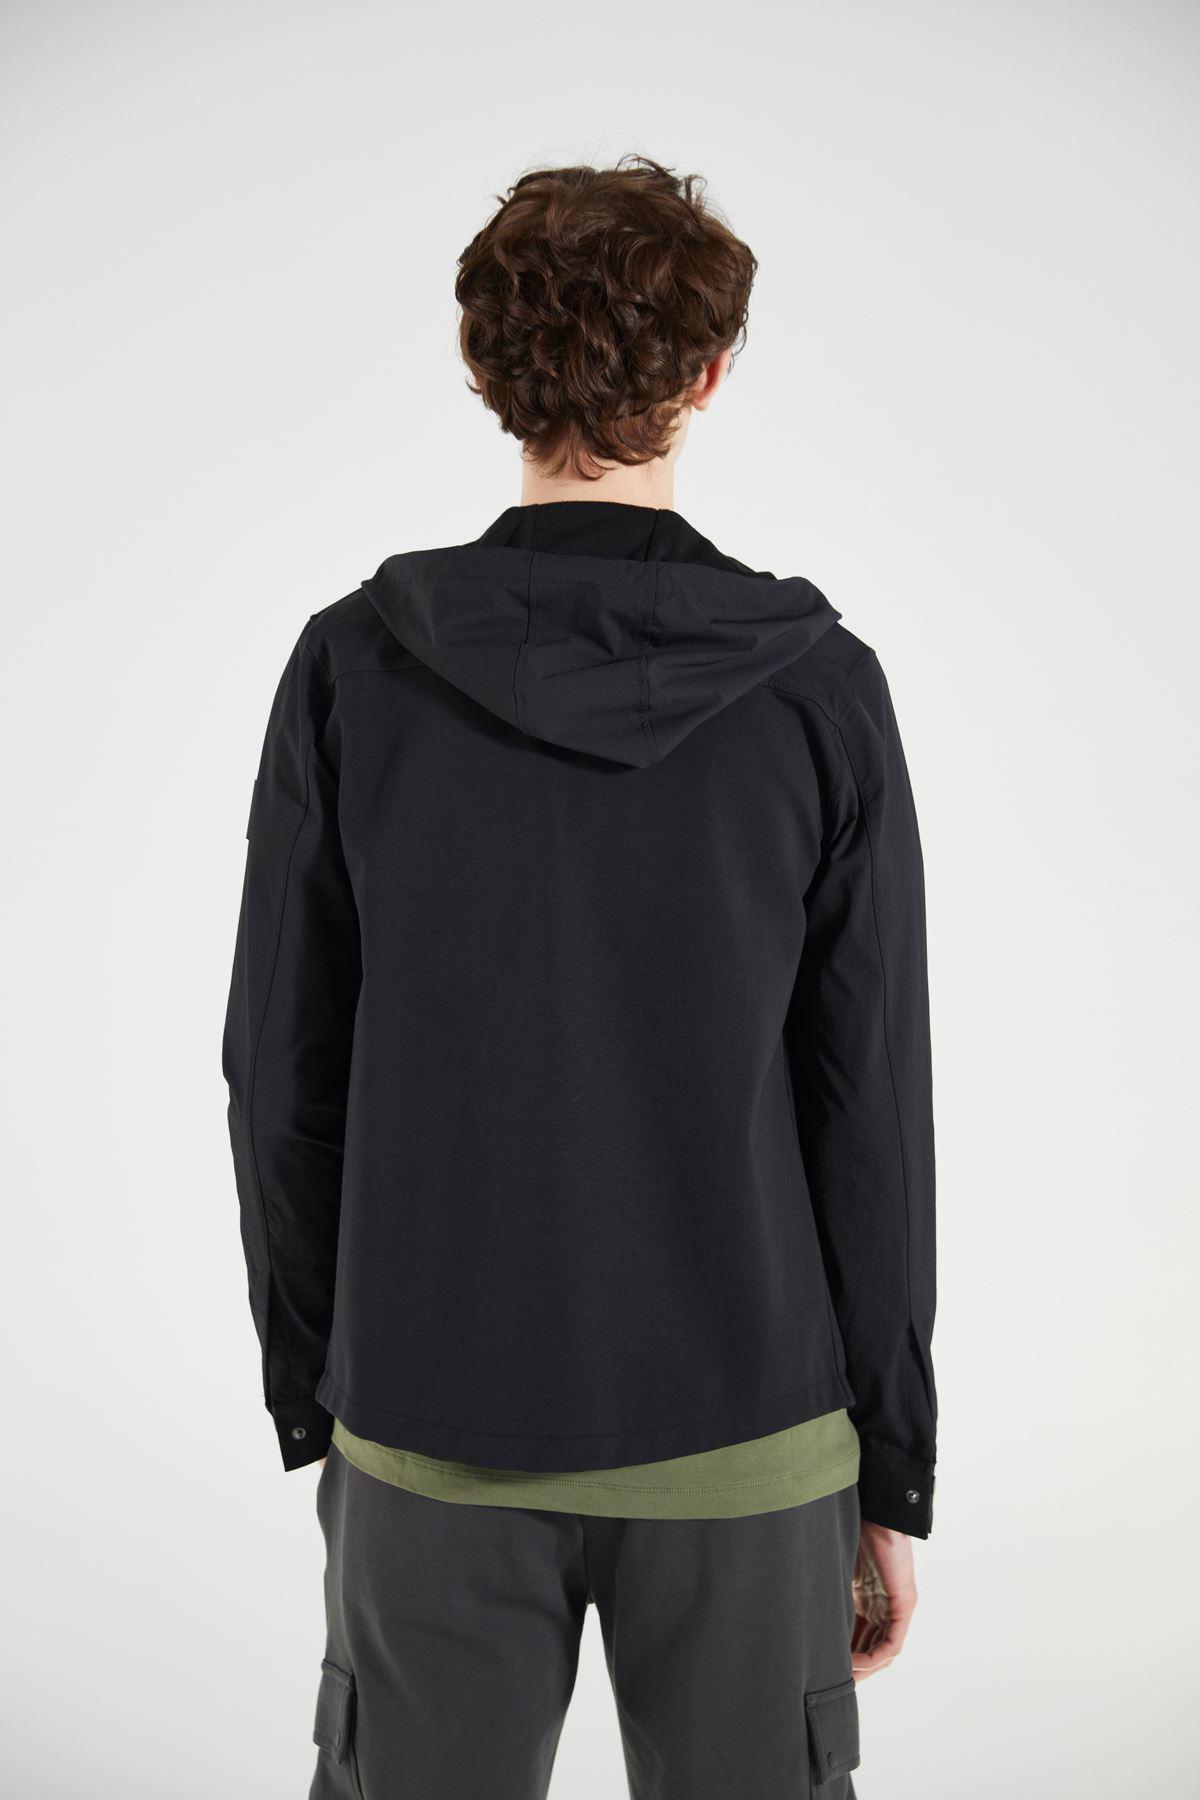 Siyah Kapüşonlu Garnili Uzun Kollu Yazlık Mont